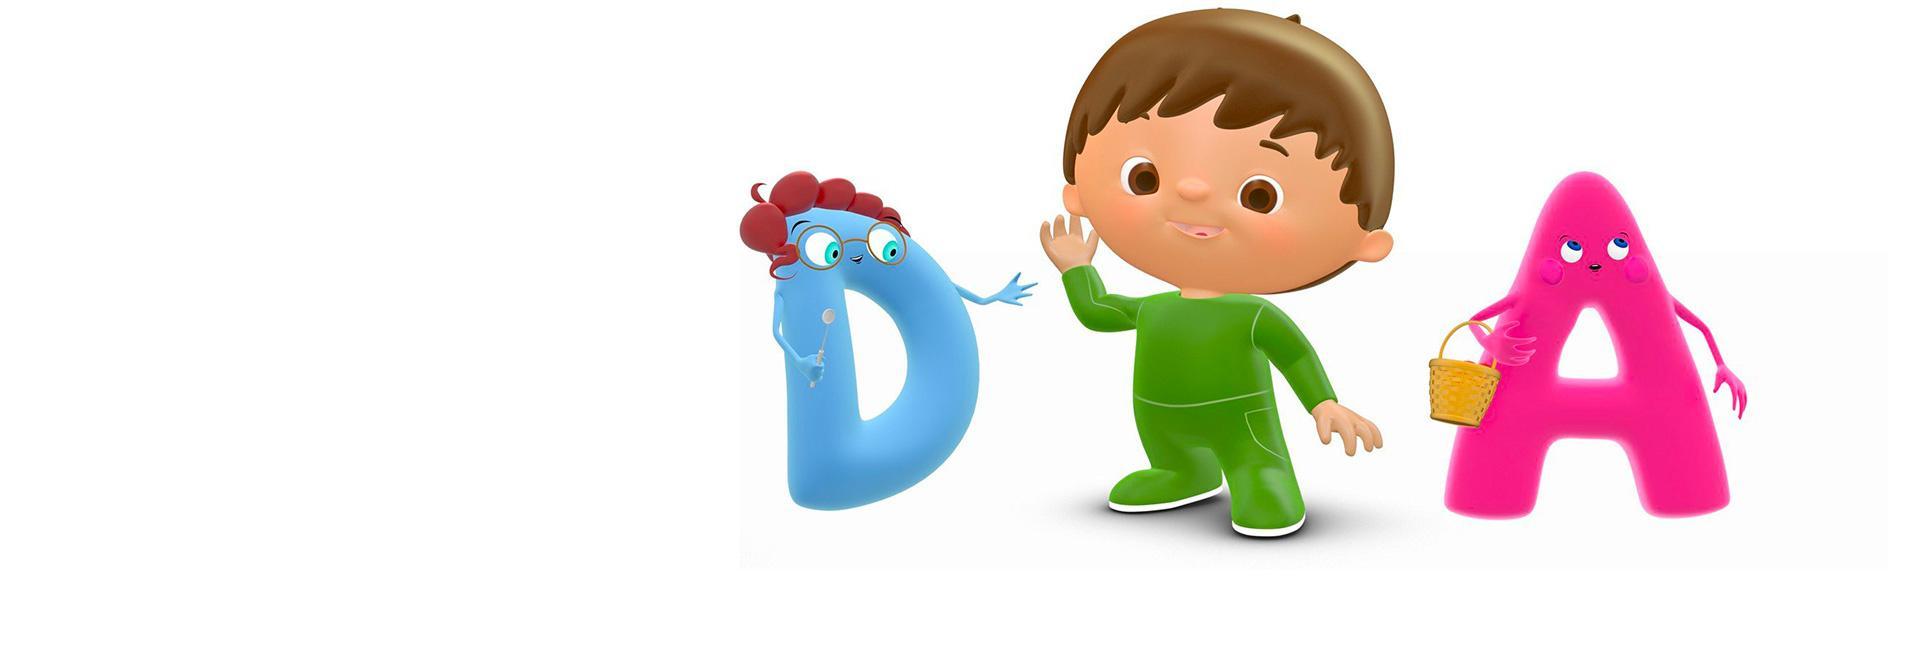 Charlie incontra D, E e F